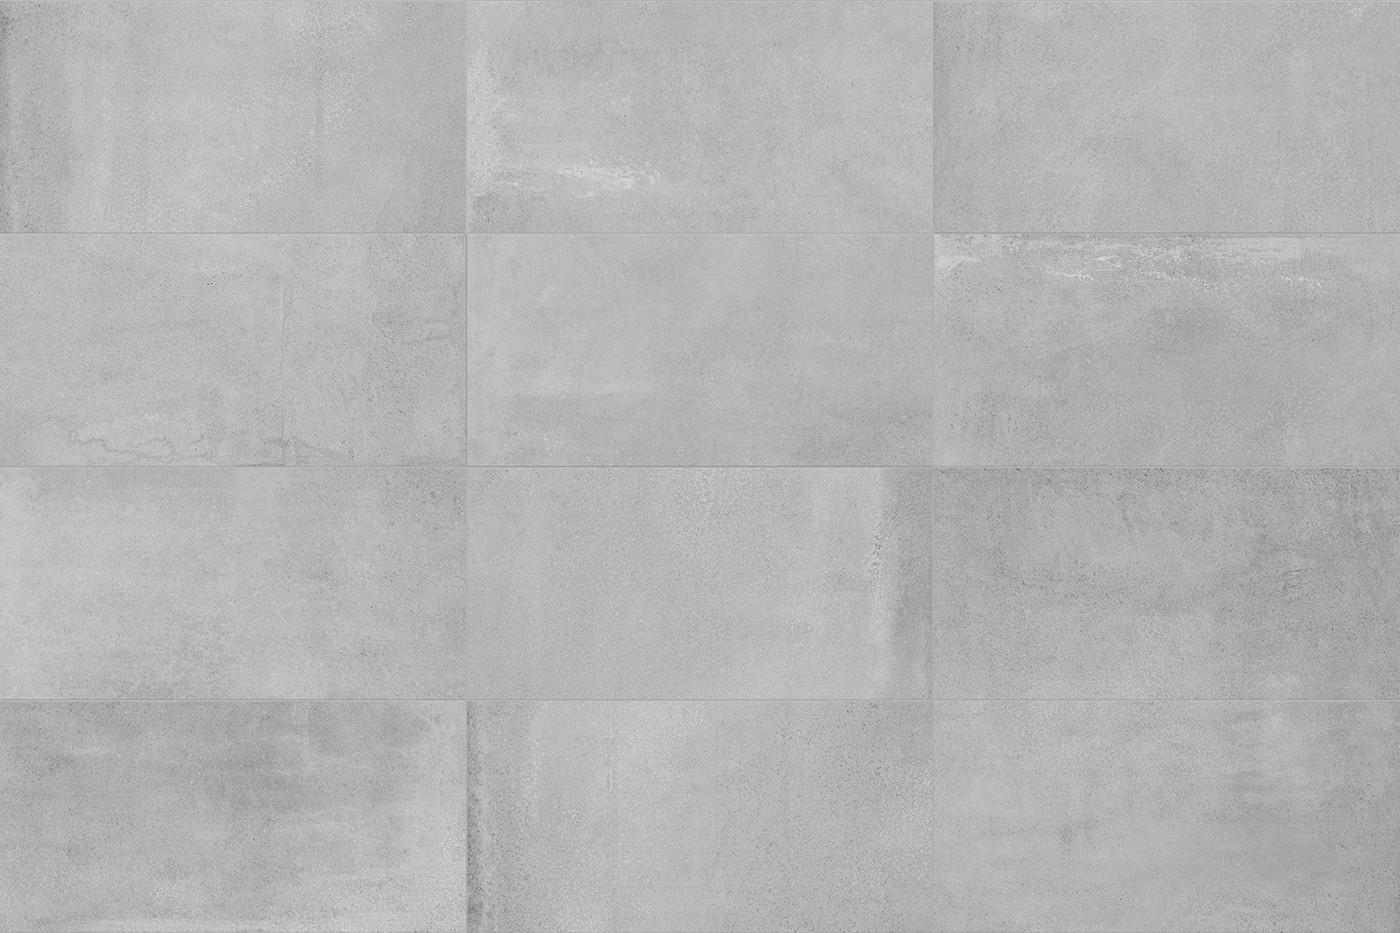 69-408_12x24_Industria_Lithium_Variation